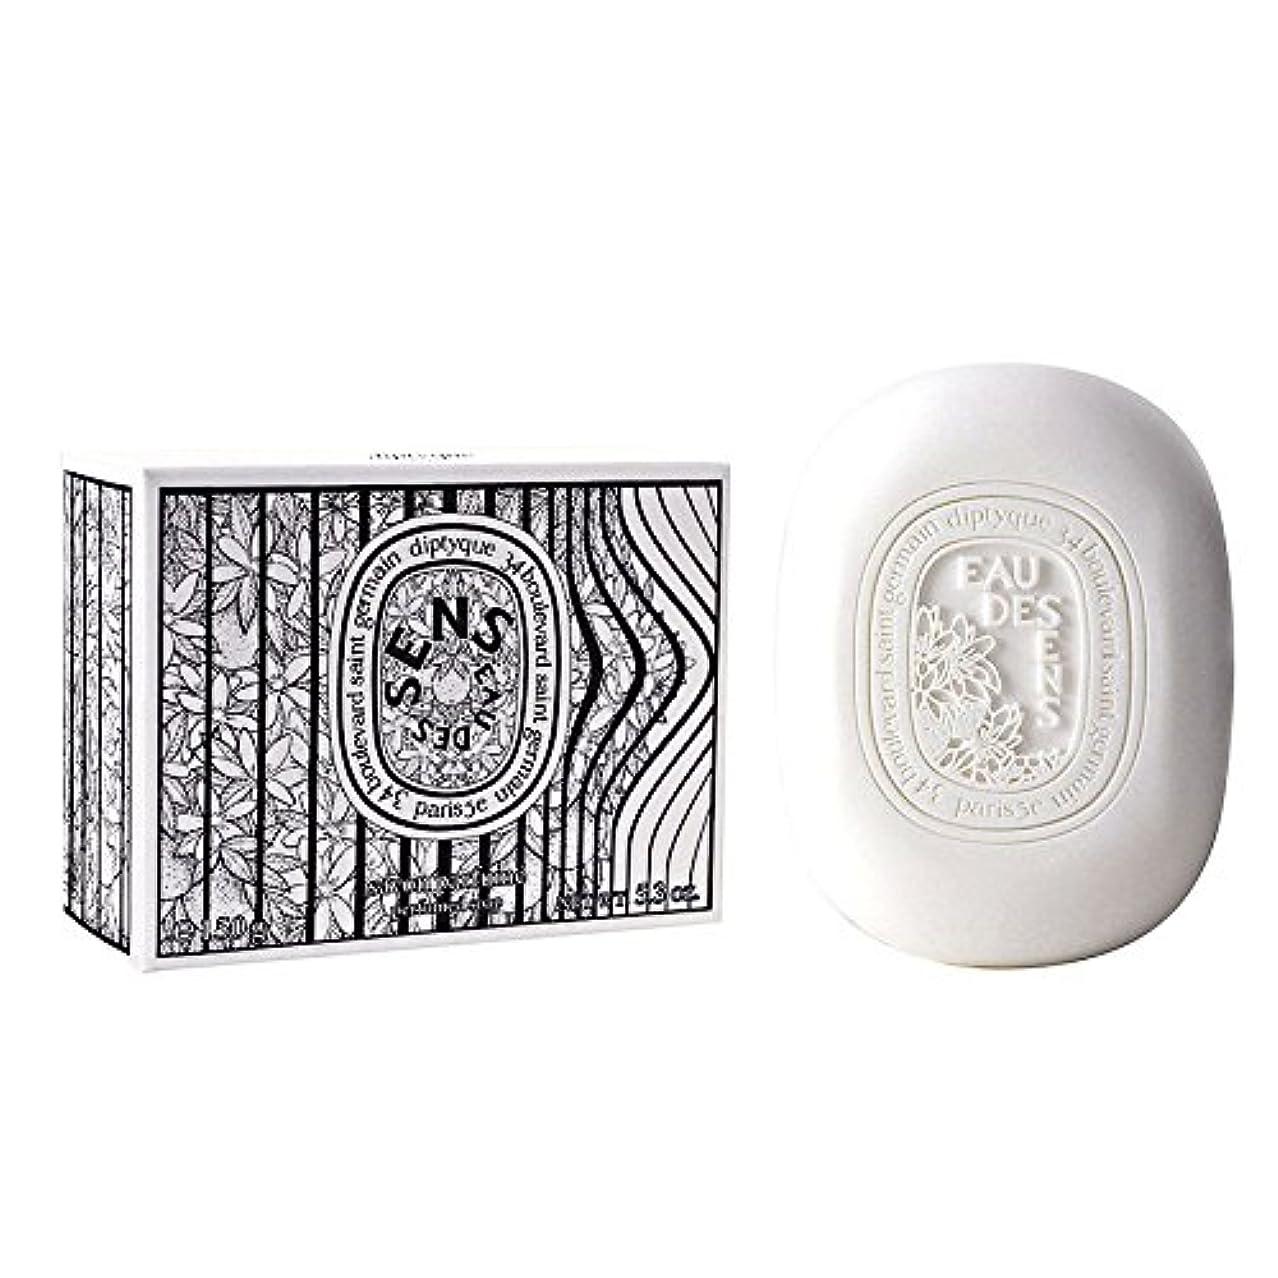 ドライシンプルさ締め切りDiptyque Eau Des Sens (ディプティック オー デ センス) 150g Soap (石けん) for Women